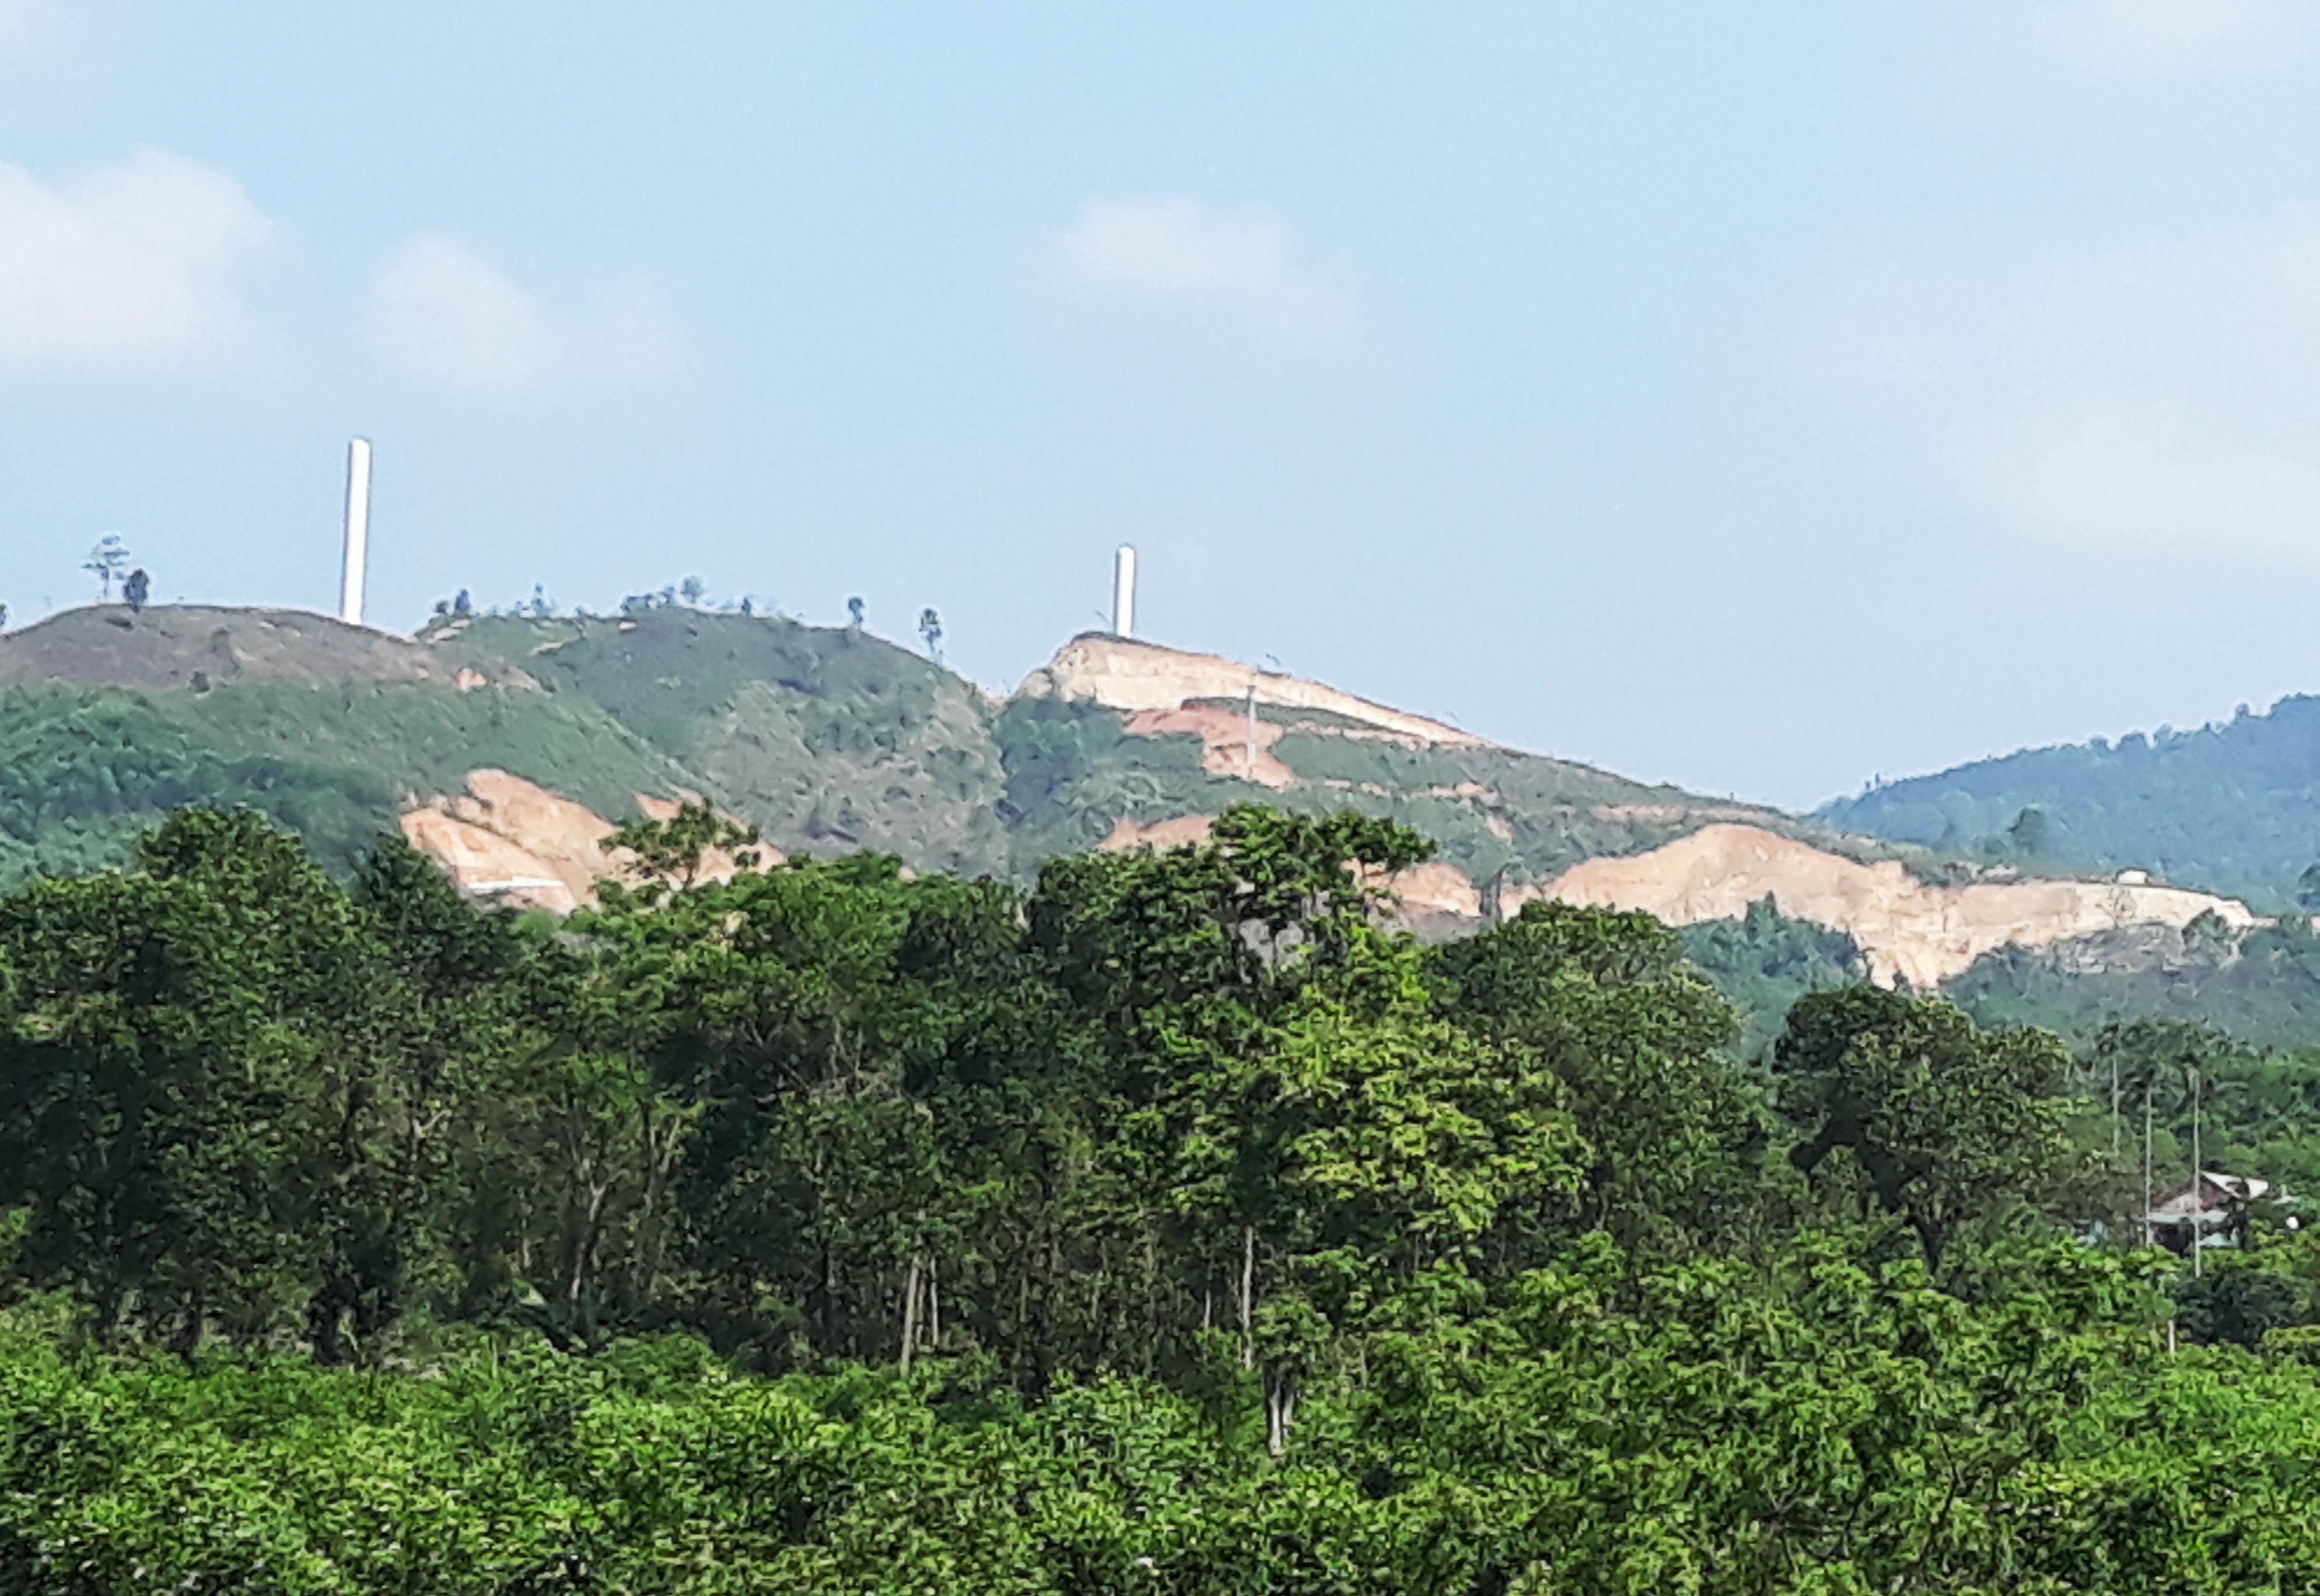 Để có một nhà máy điện gió mọc lên là rất nhiều diện tích rừng bị cạo trọc